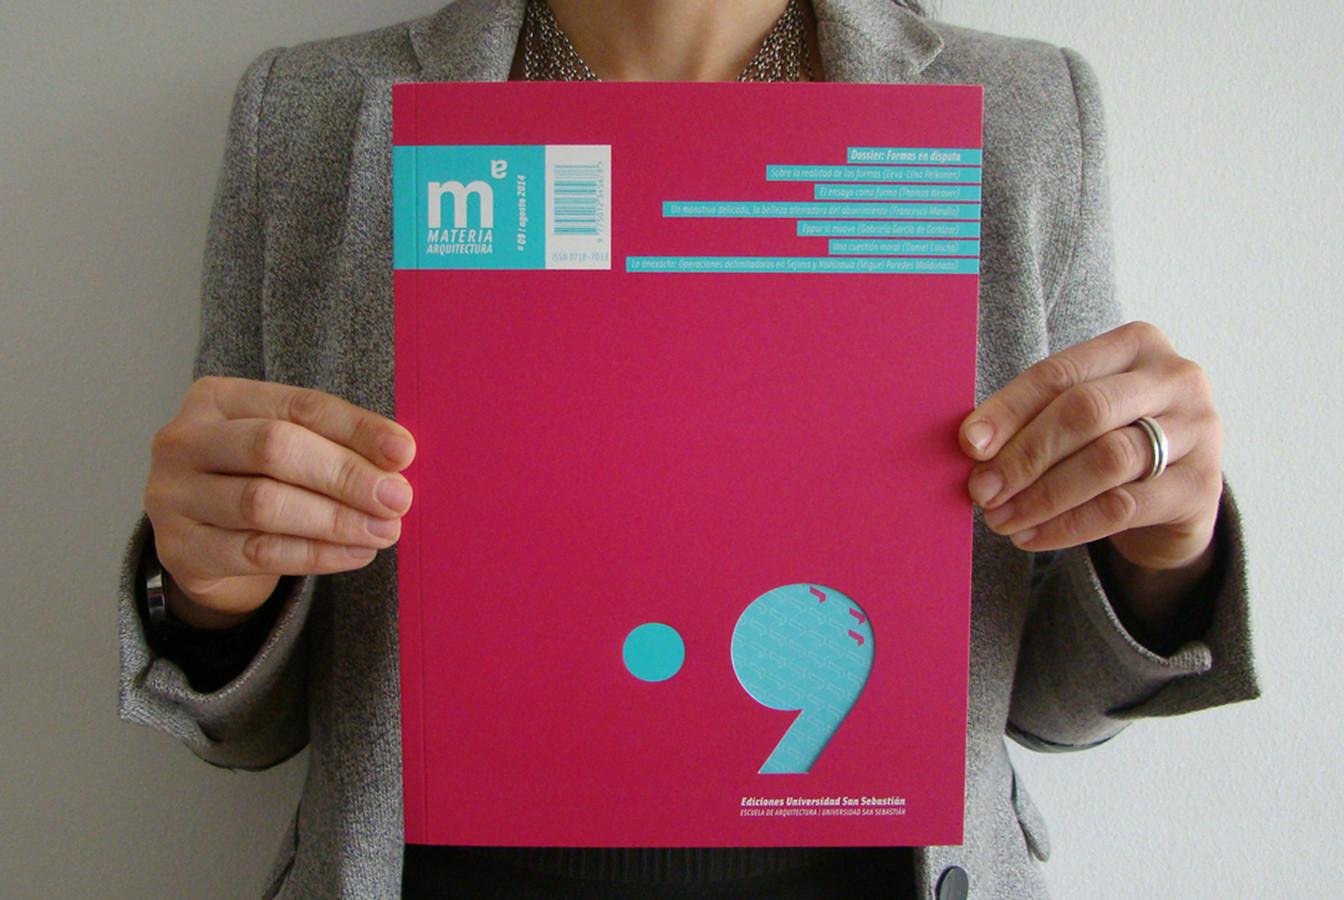 Cortesia de Revista Materia Arquitectura